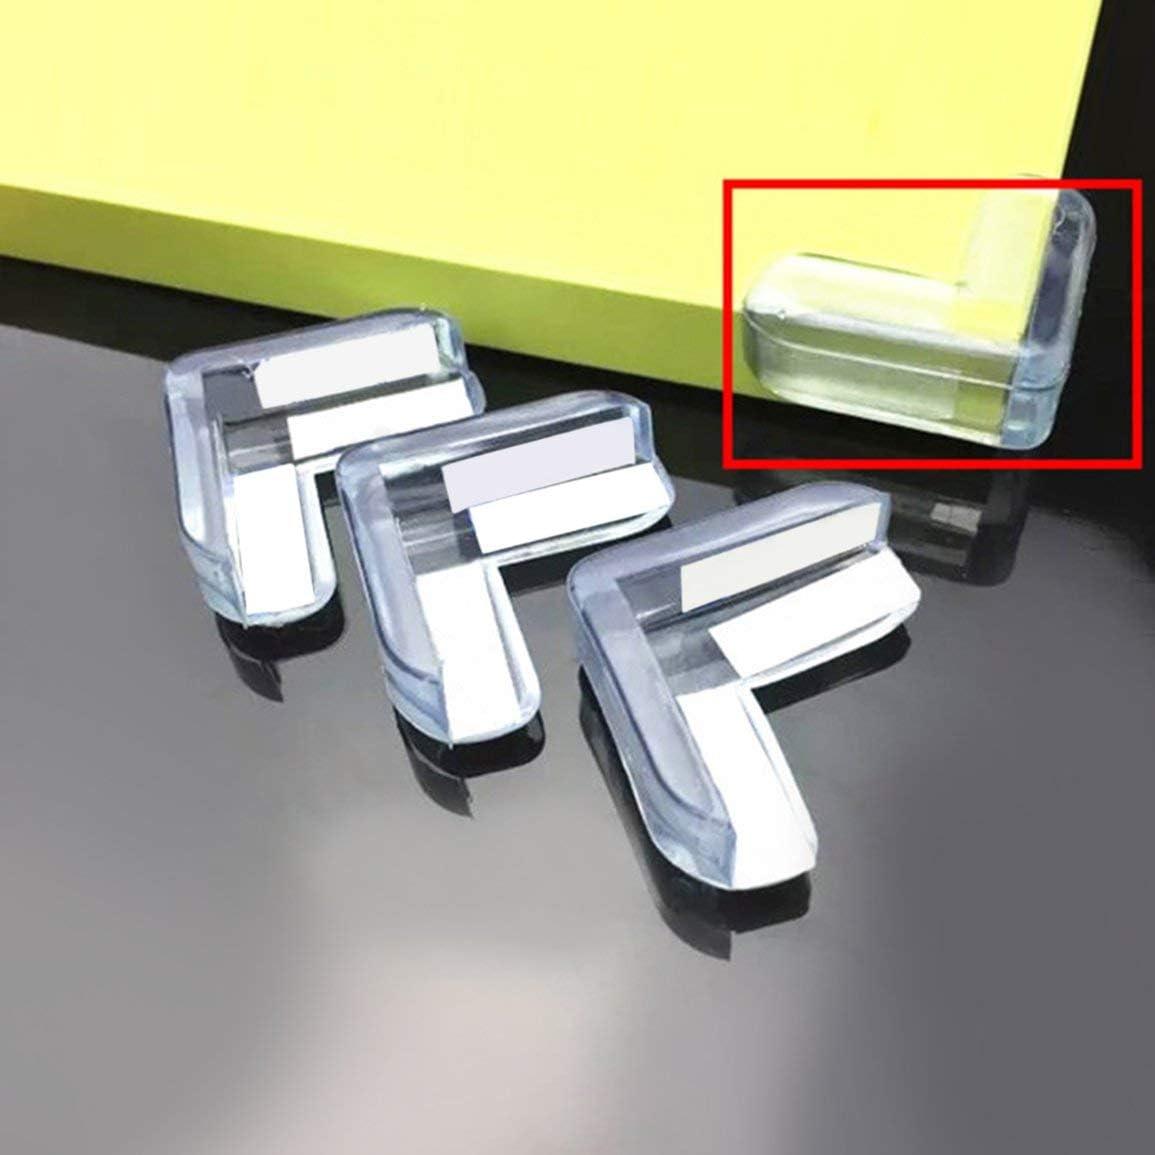 4 pcs B/éb/é Enfant S/écurit/é Prot/éger Table Bureau Coins Coussin Garde Pare-chocs /Épaissi Garde Tapis de Protection Crash Protection Couverture Pads